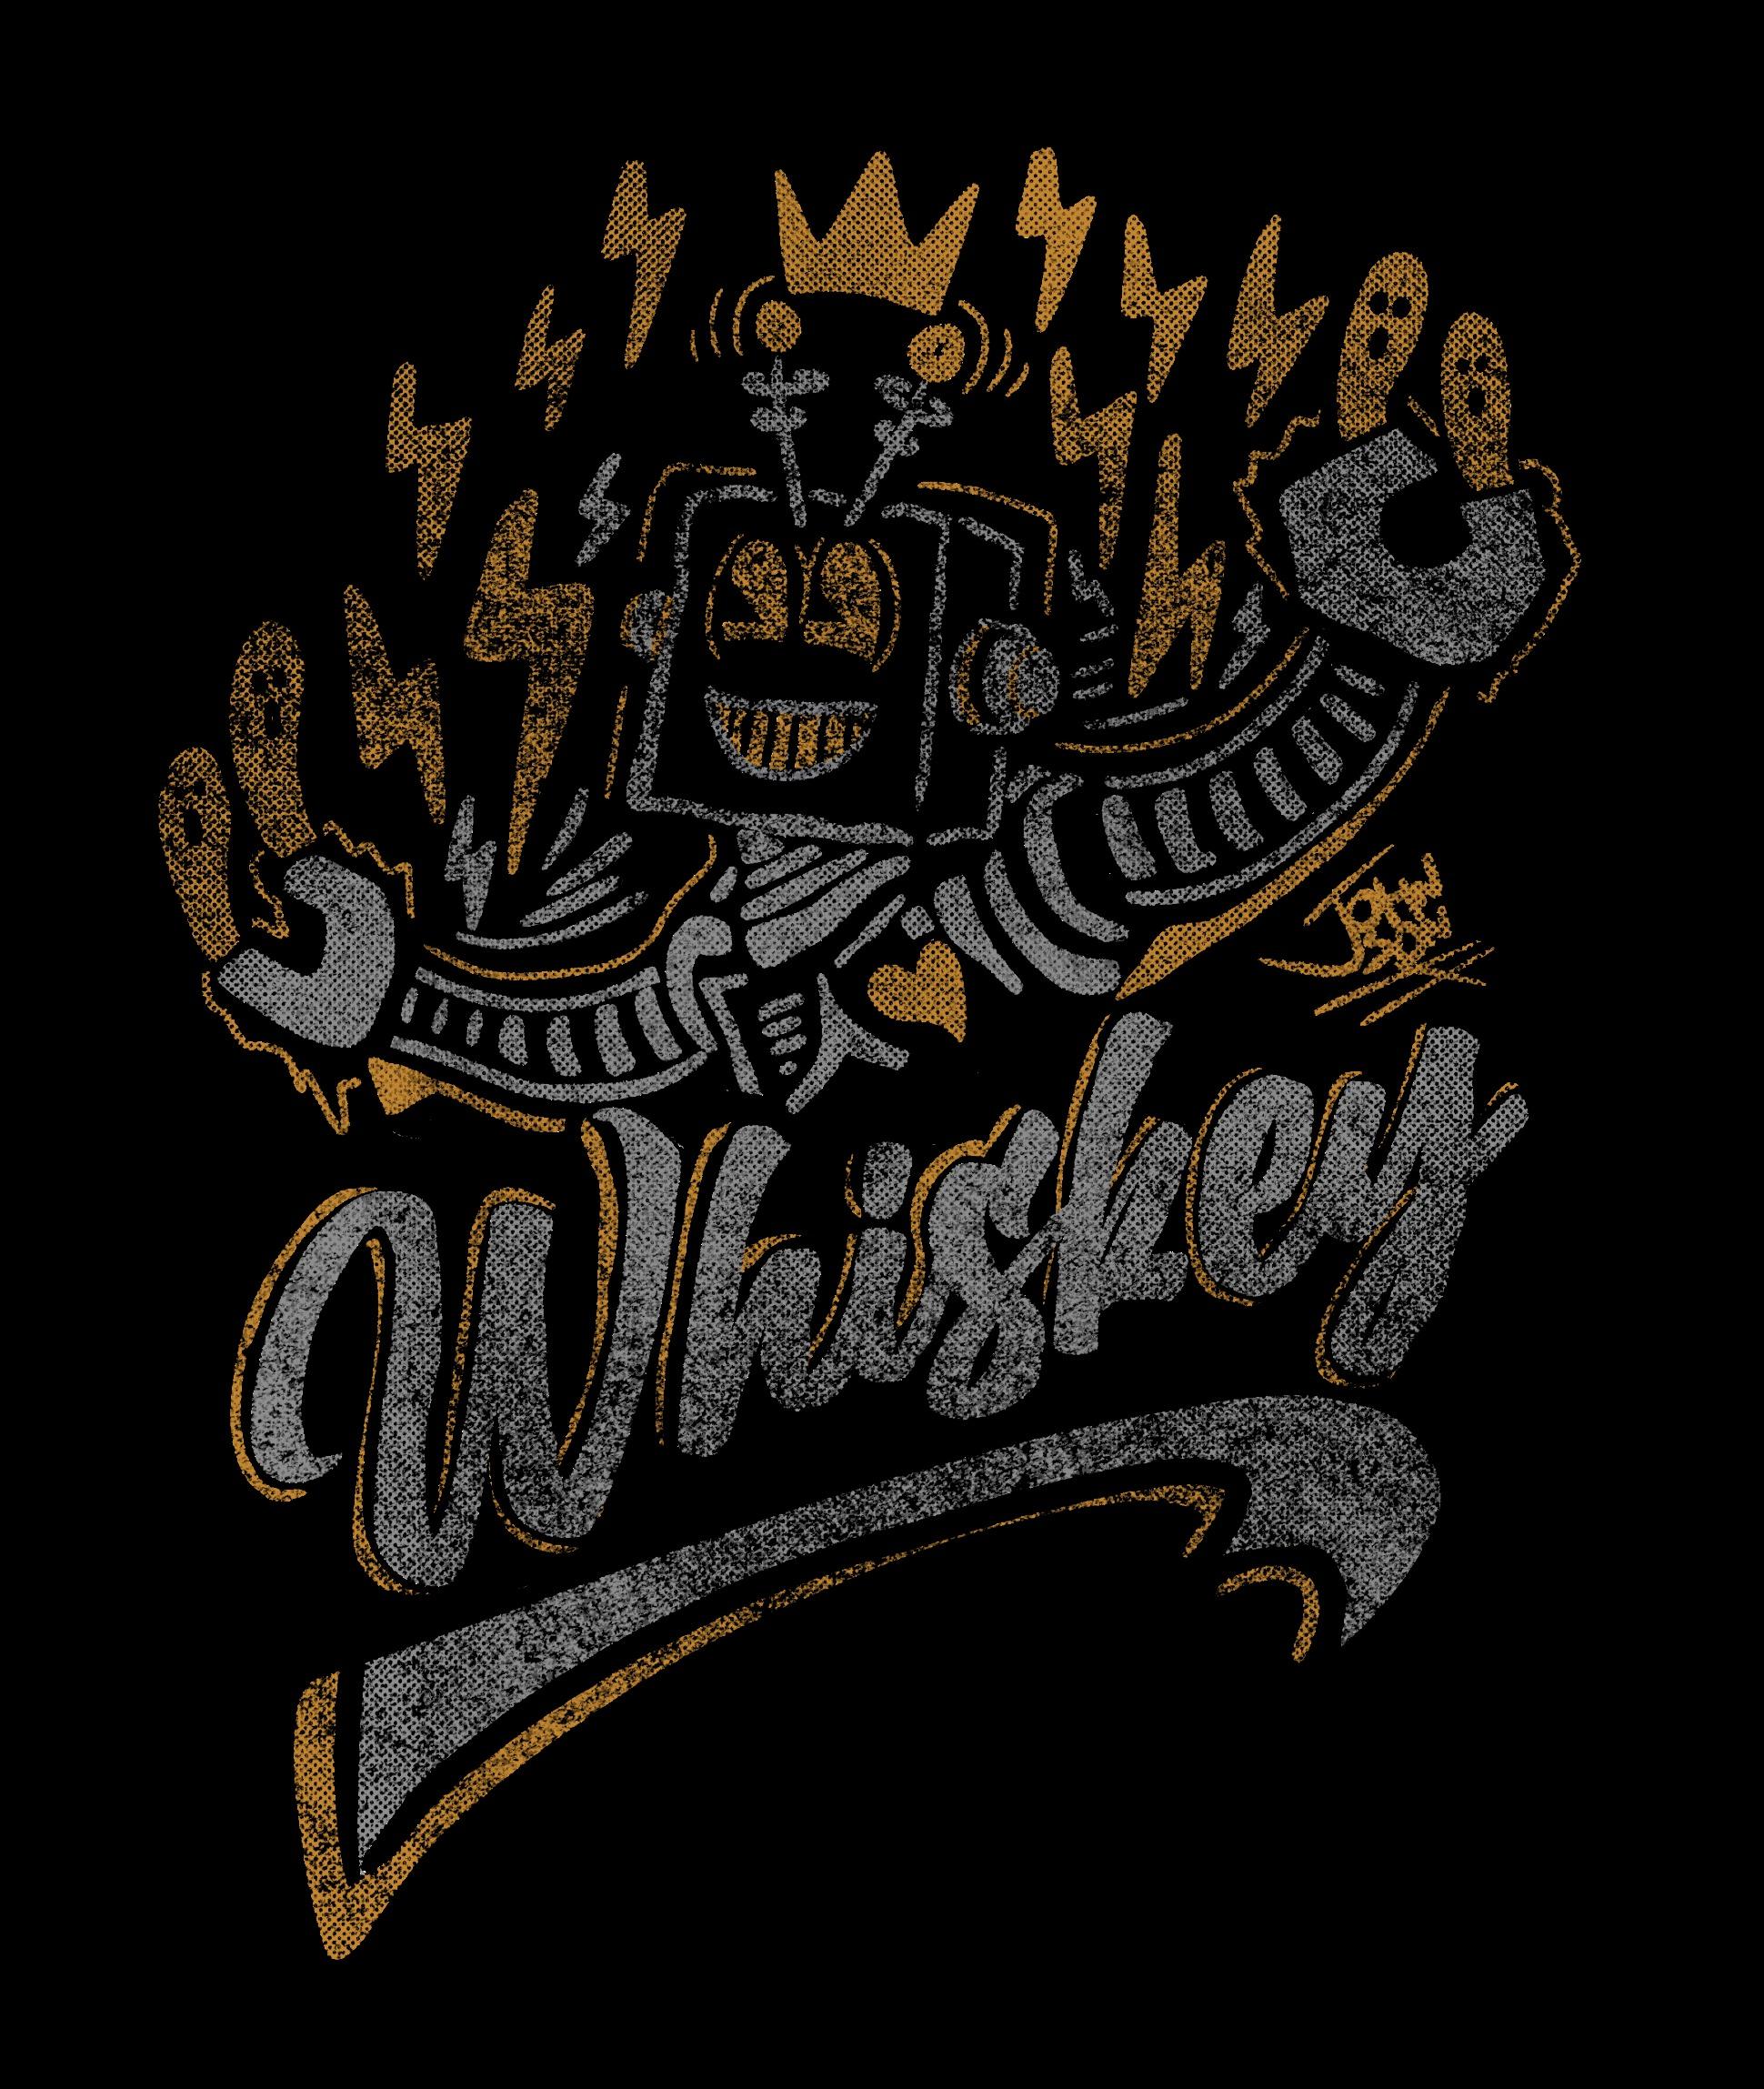 Whiskey Robot